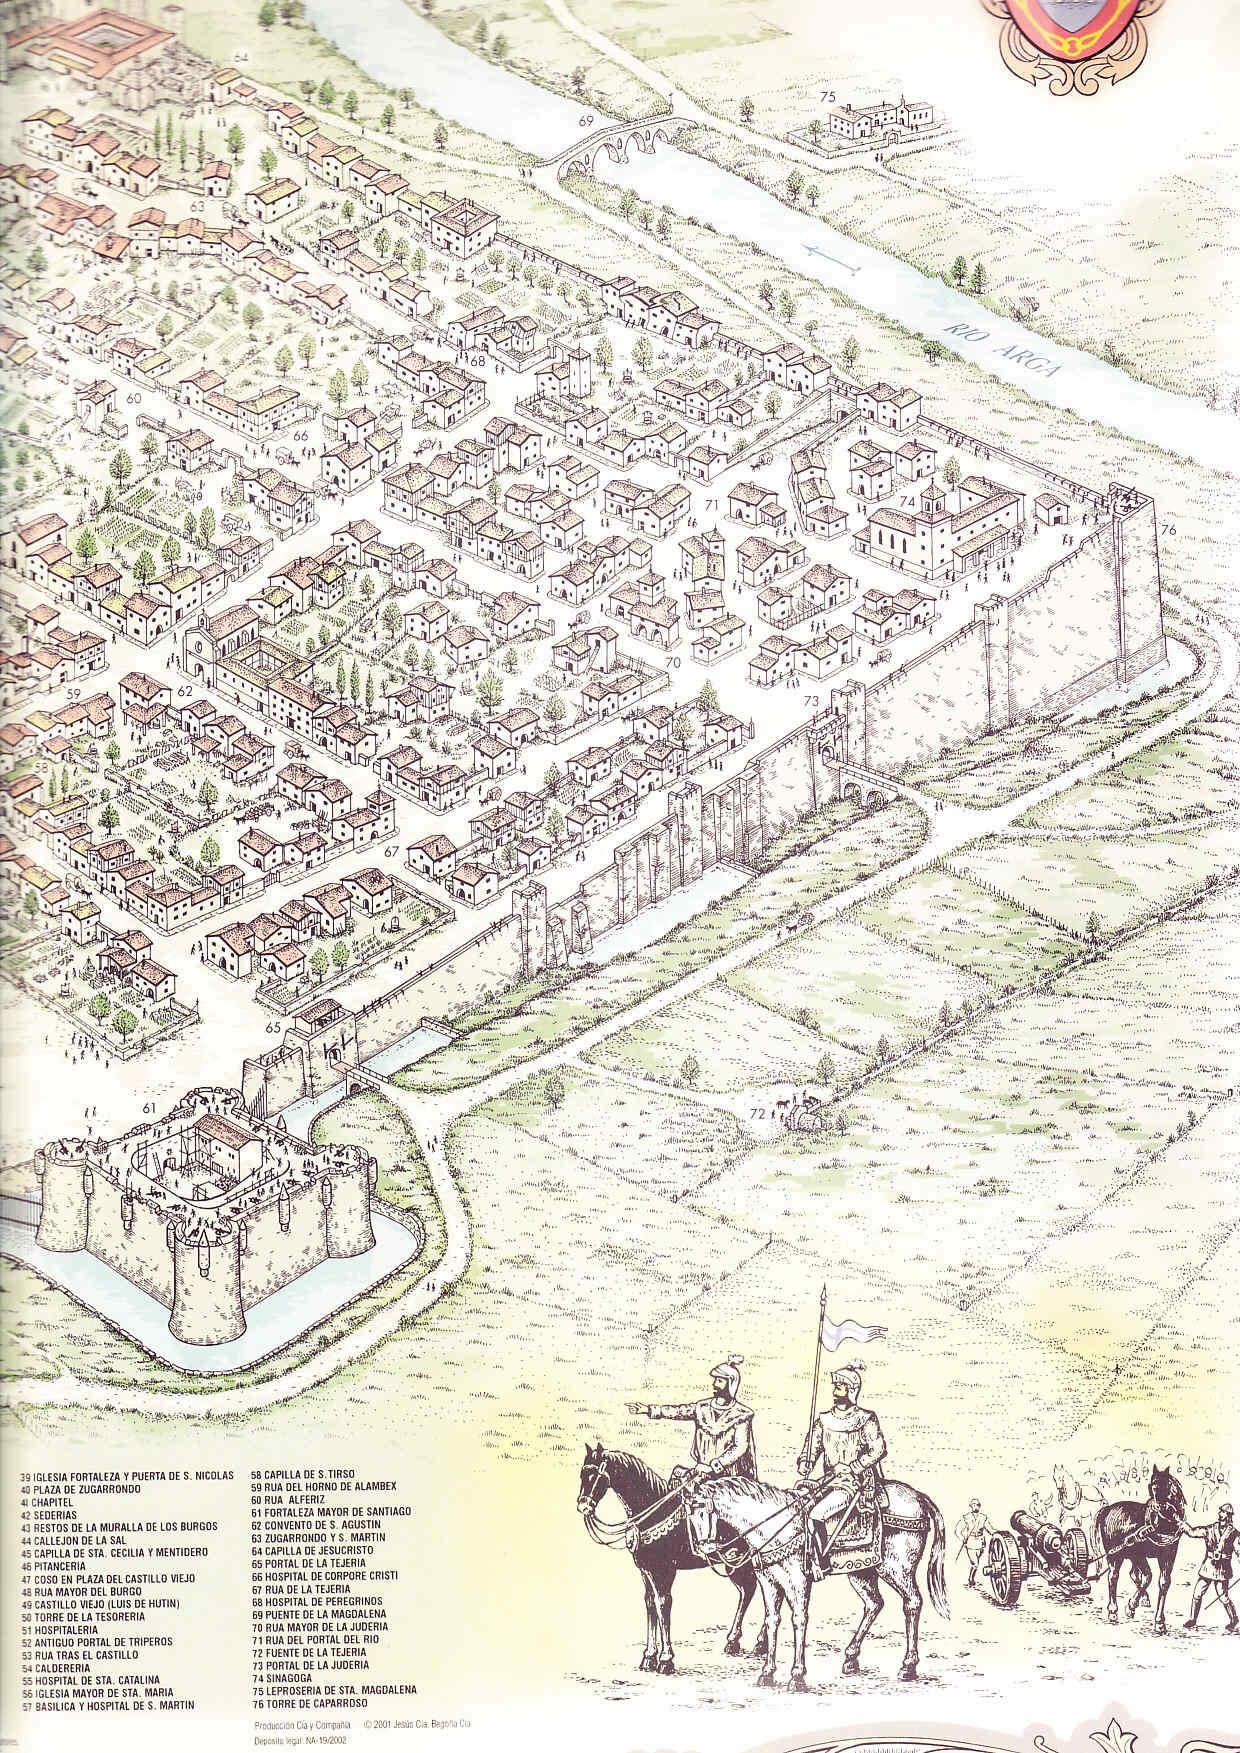 Las murallas de Pamplona en 1521